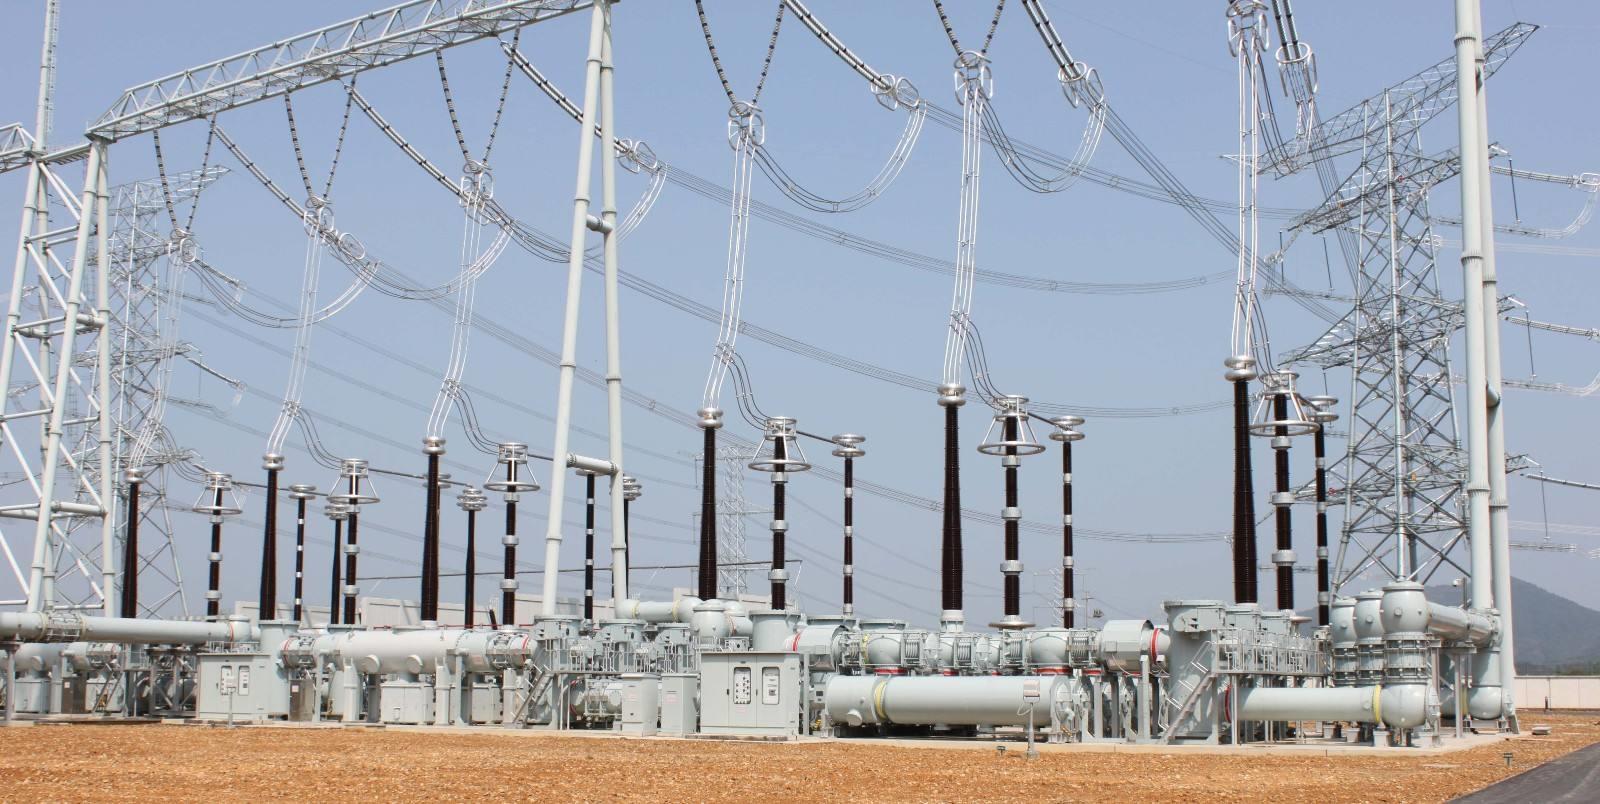 2月江苏全社会用电量417.88亿千瓦时 同比增29.01%